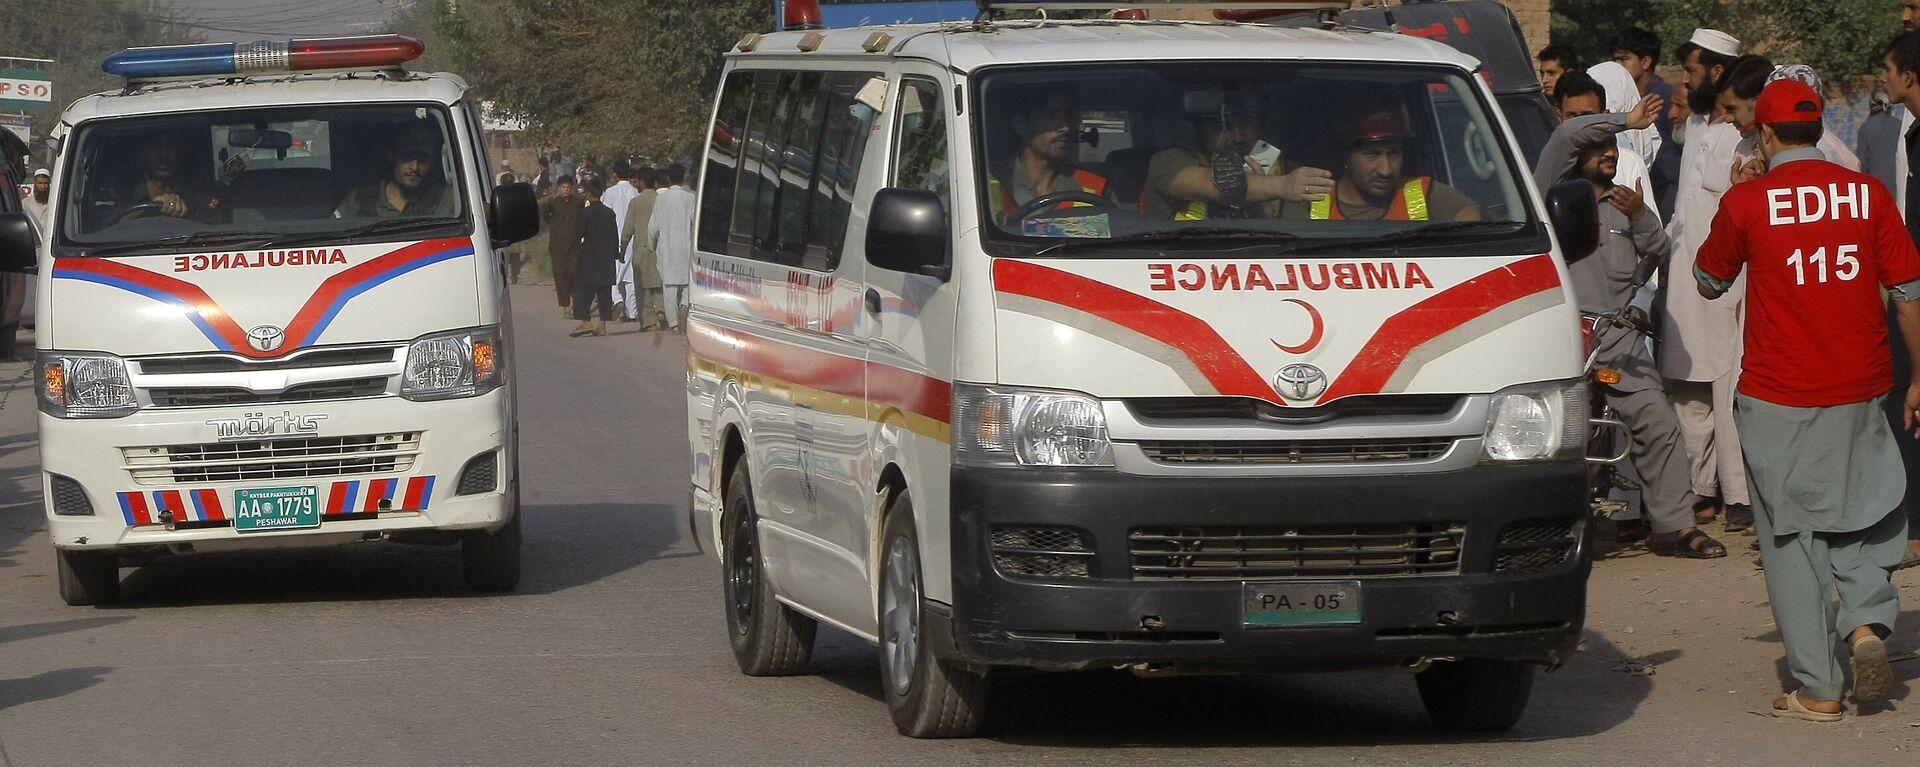 Ambulanza in Pakistan - Sputnik Italia, 1920, 14.07.2021